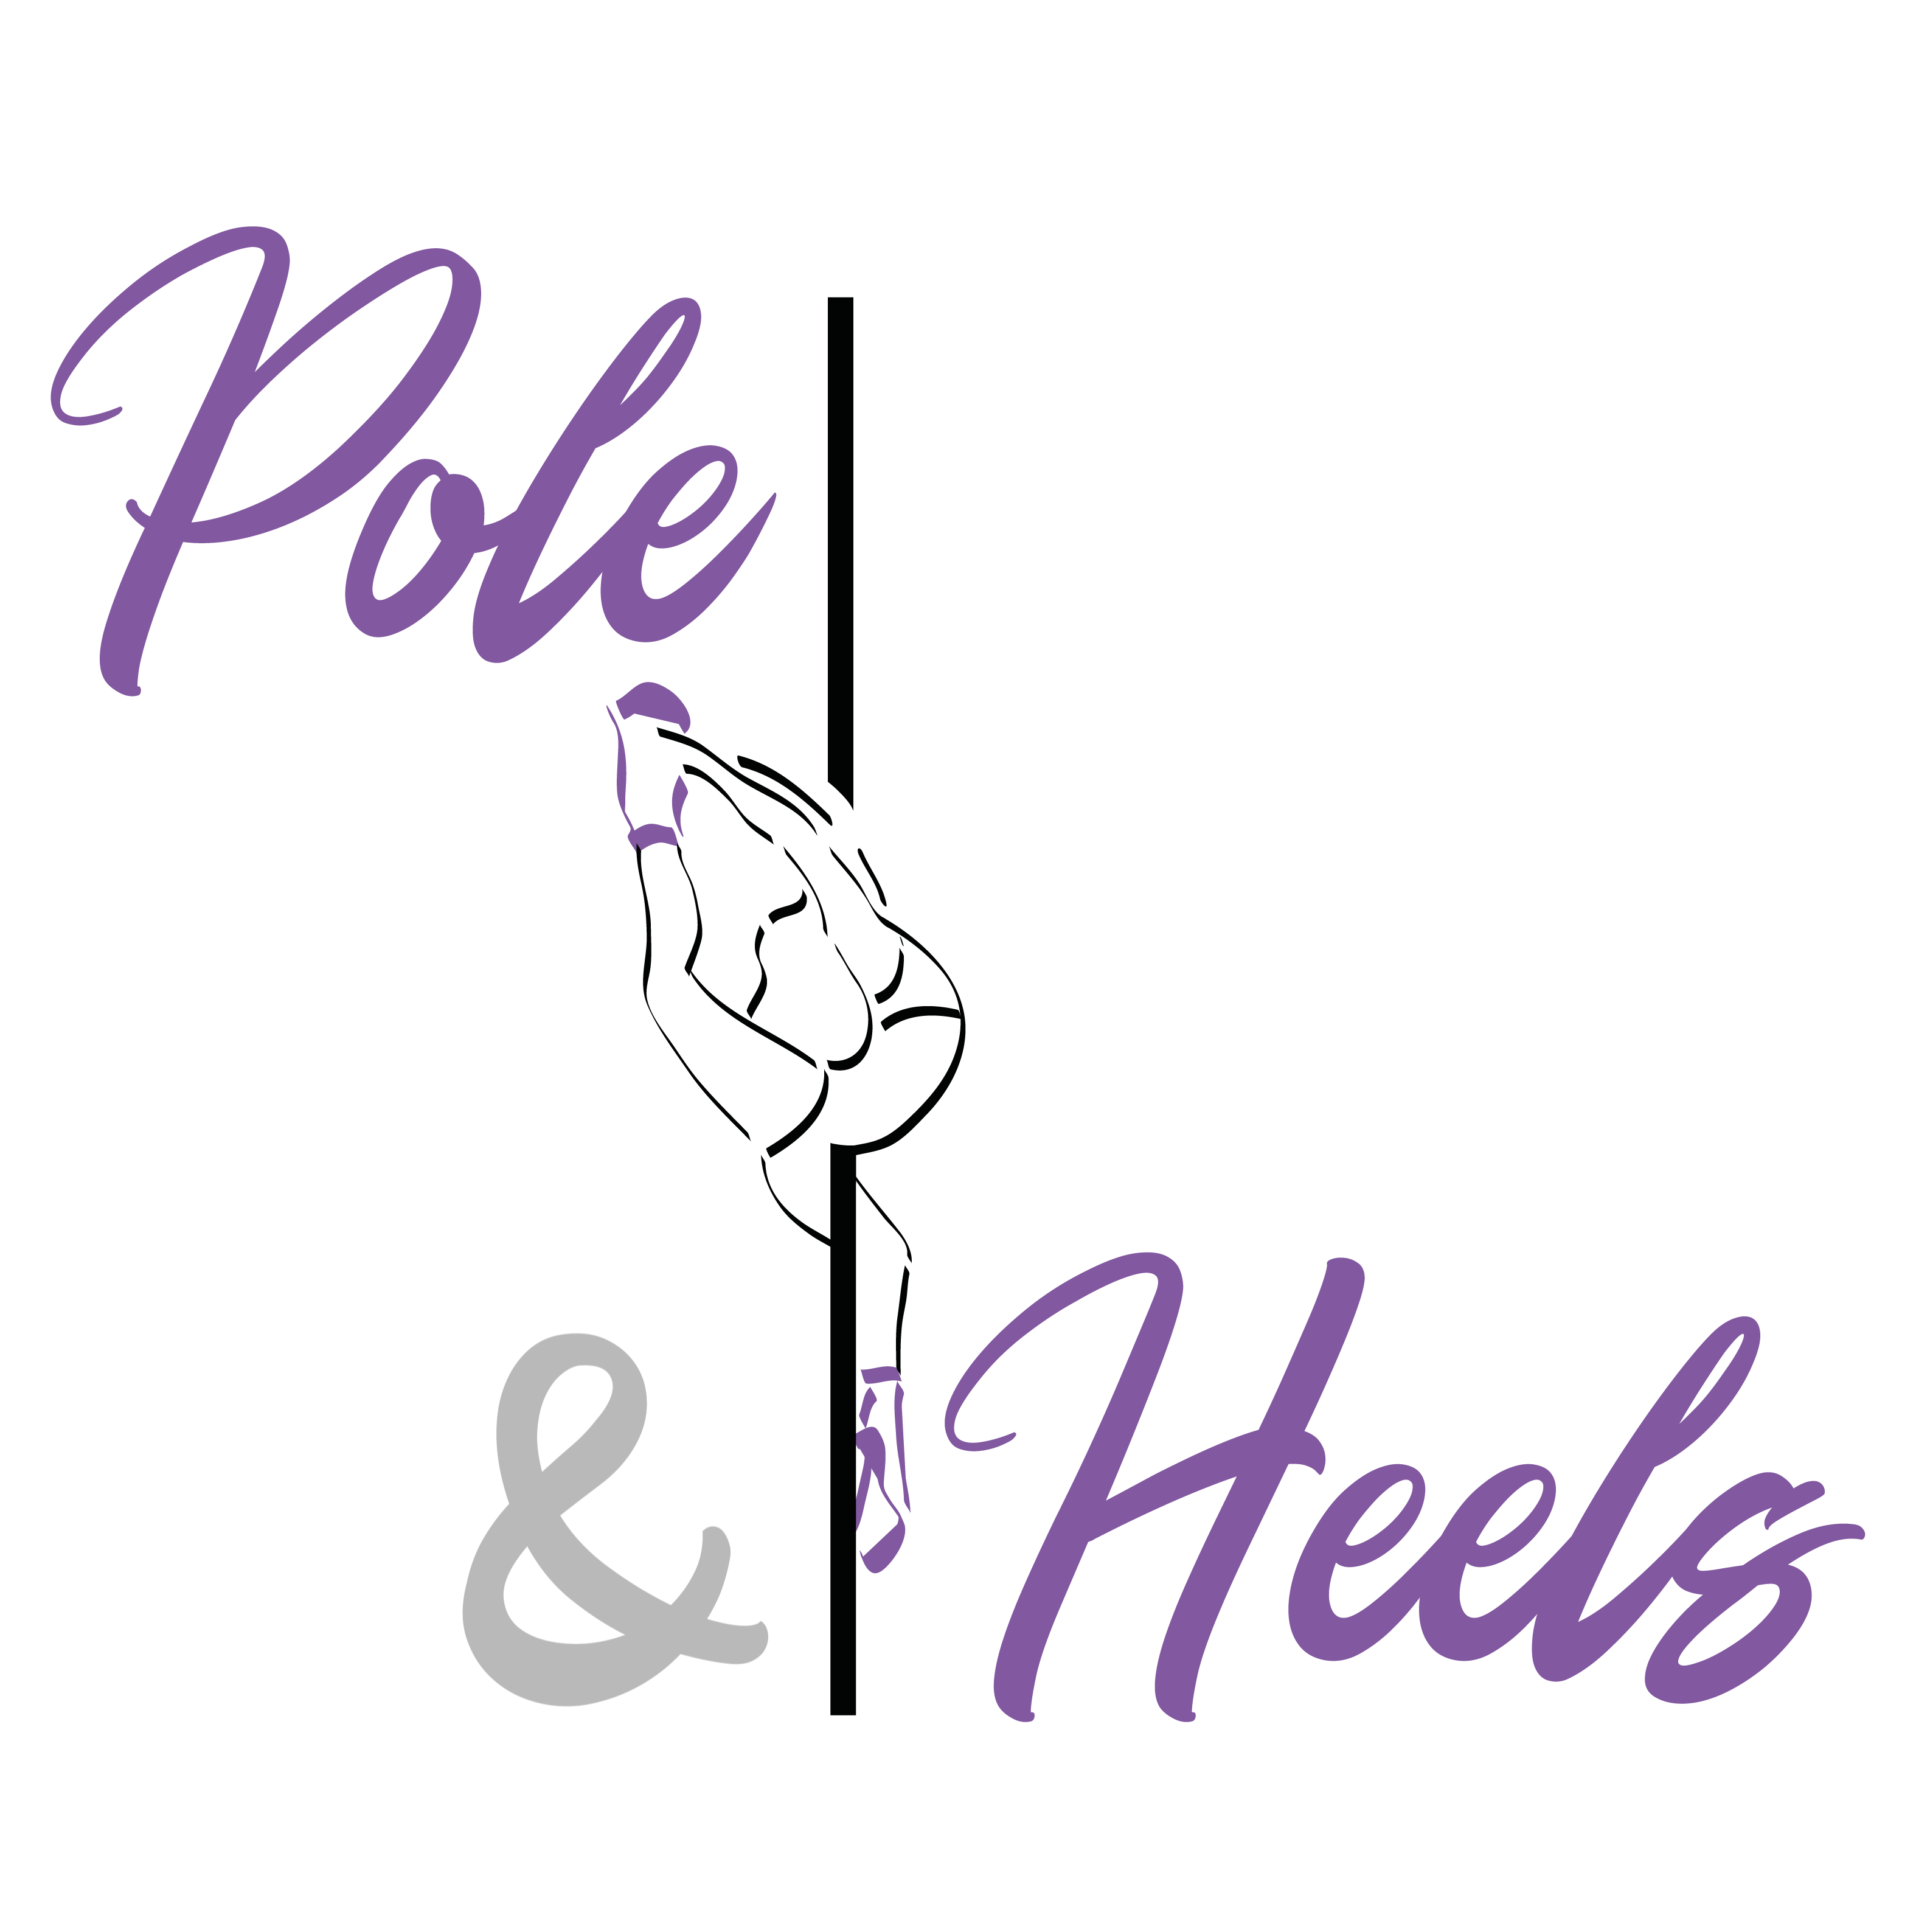 Pole & Heels